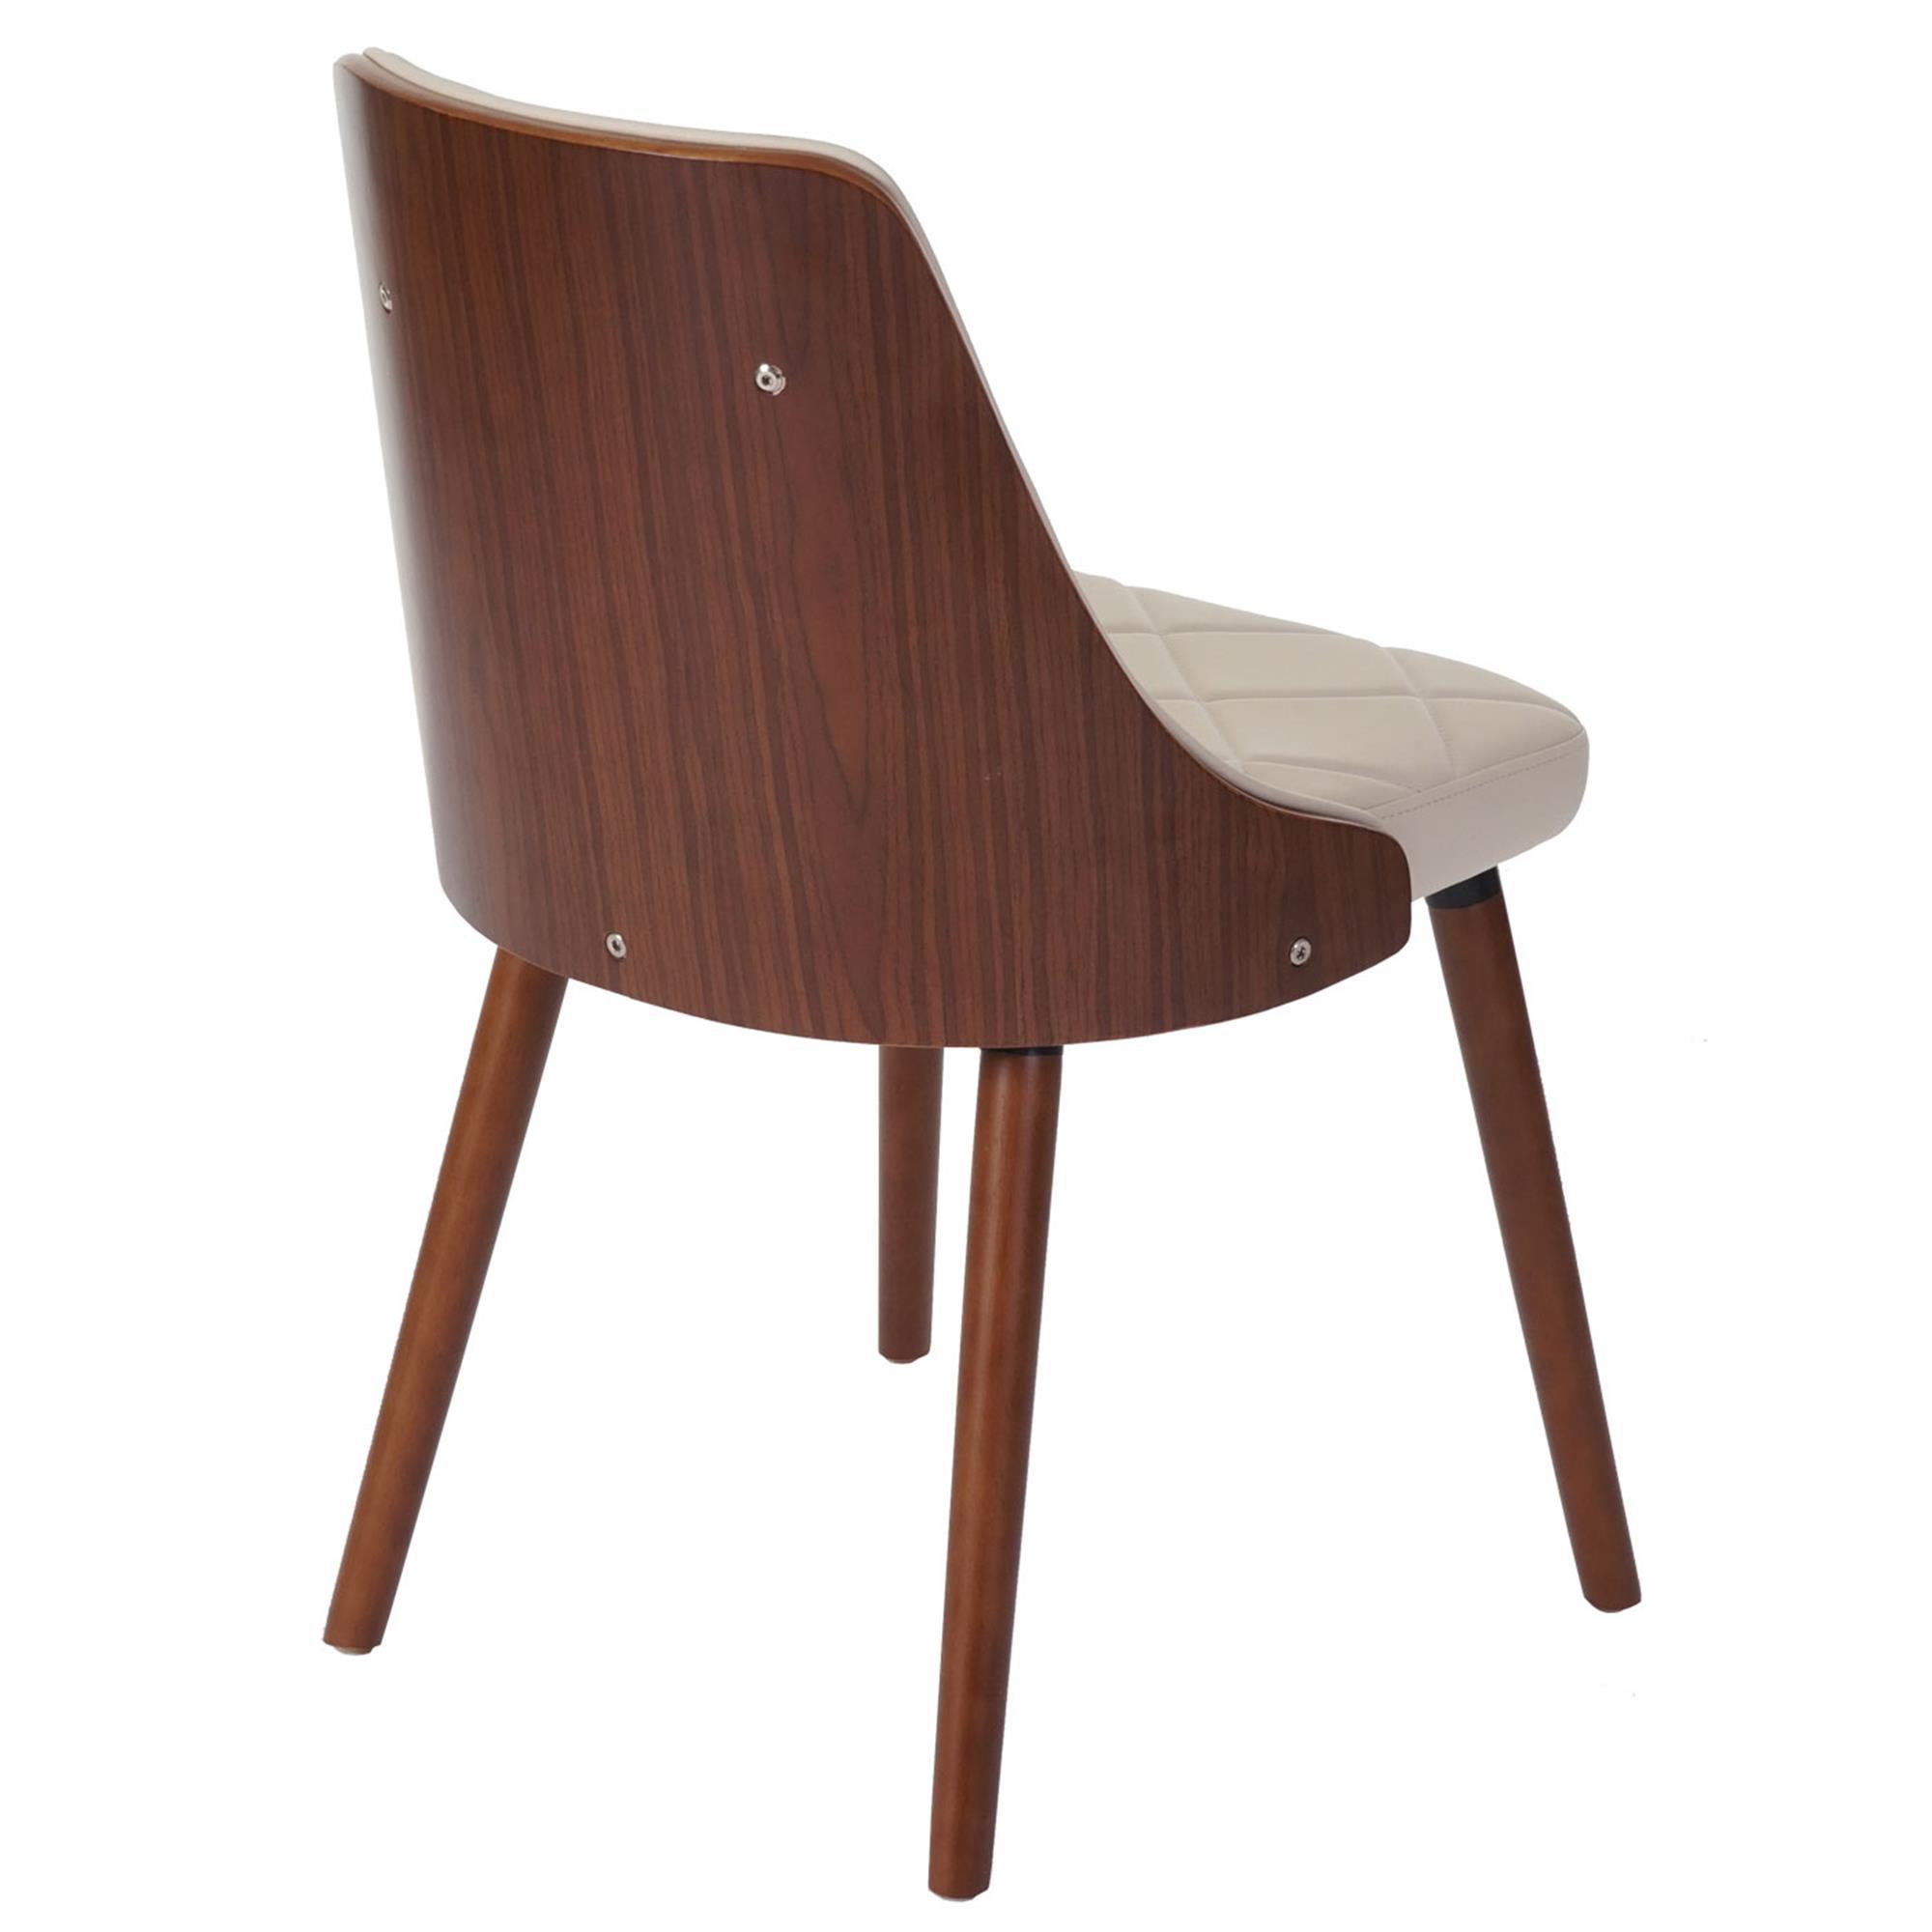 Lote 6 sillas de comedor baley en piel crema conjunto 6 for Comedor de madera 6 sillas